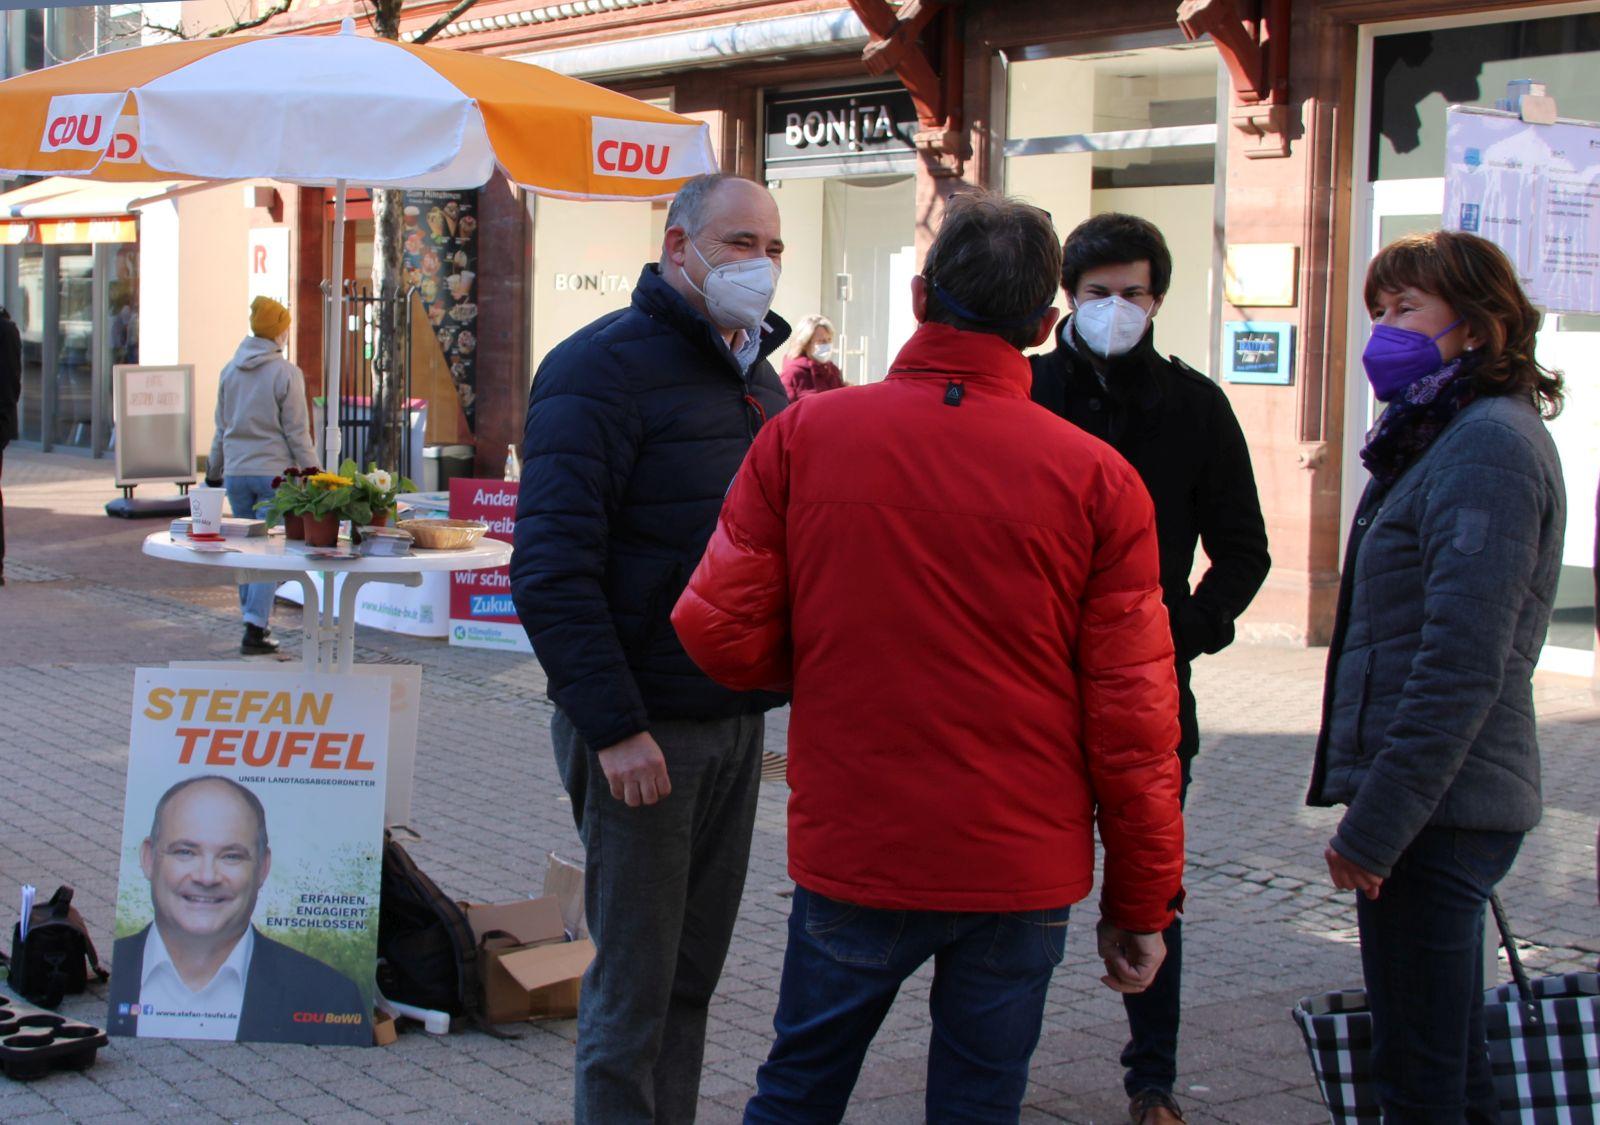 Trotz kühlen Wetters und unter Einhaltung der Maskierung: beim CDU-Infostand gab's anregende, freundschaftliche und gelegentlich auch kontroverse Diskussionen mit dem Landtagsabgeordneten Stefan Teufel. Foto: pm